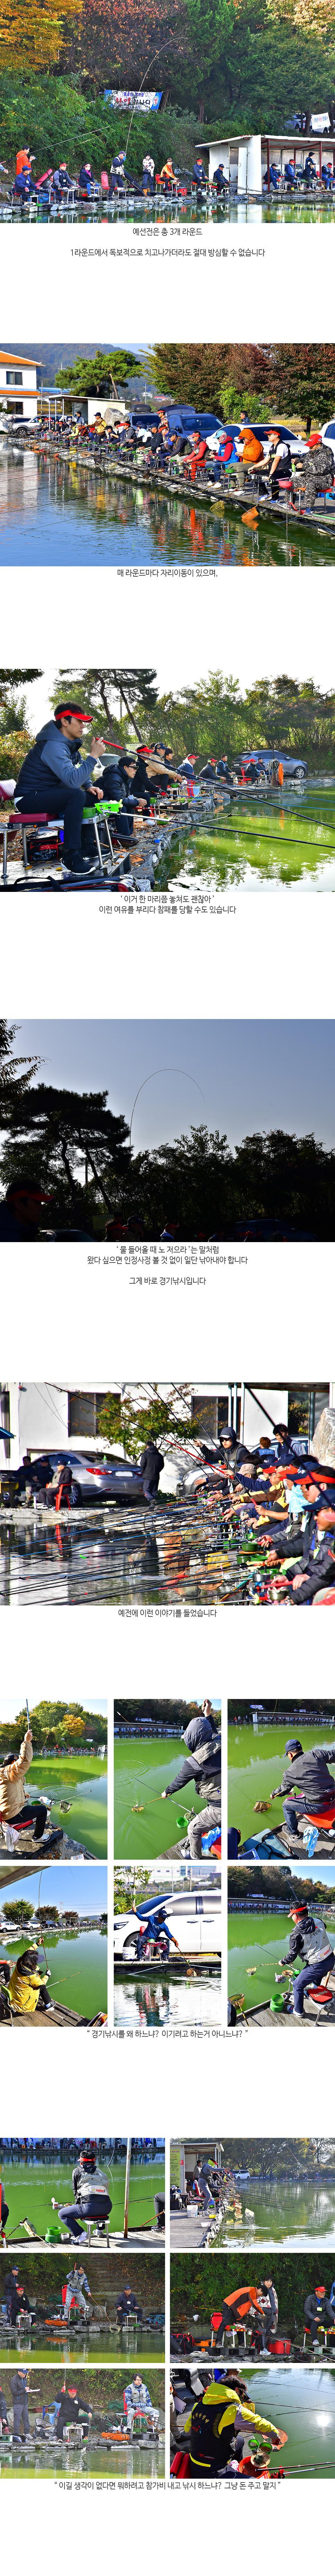 2018 군계일학 왕중왕전 - 03.jpg